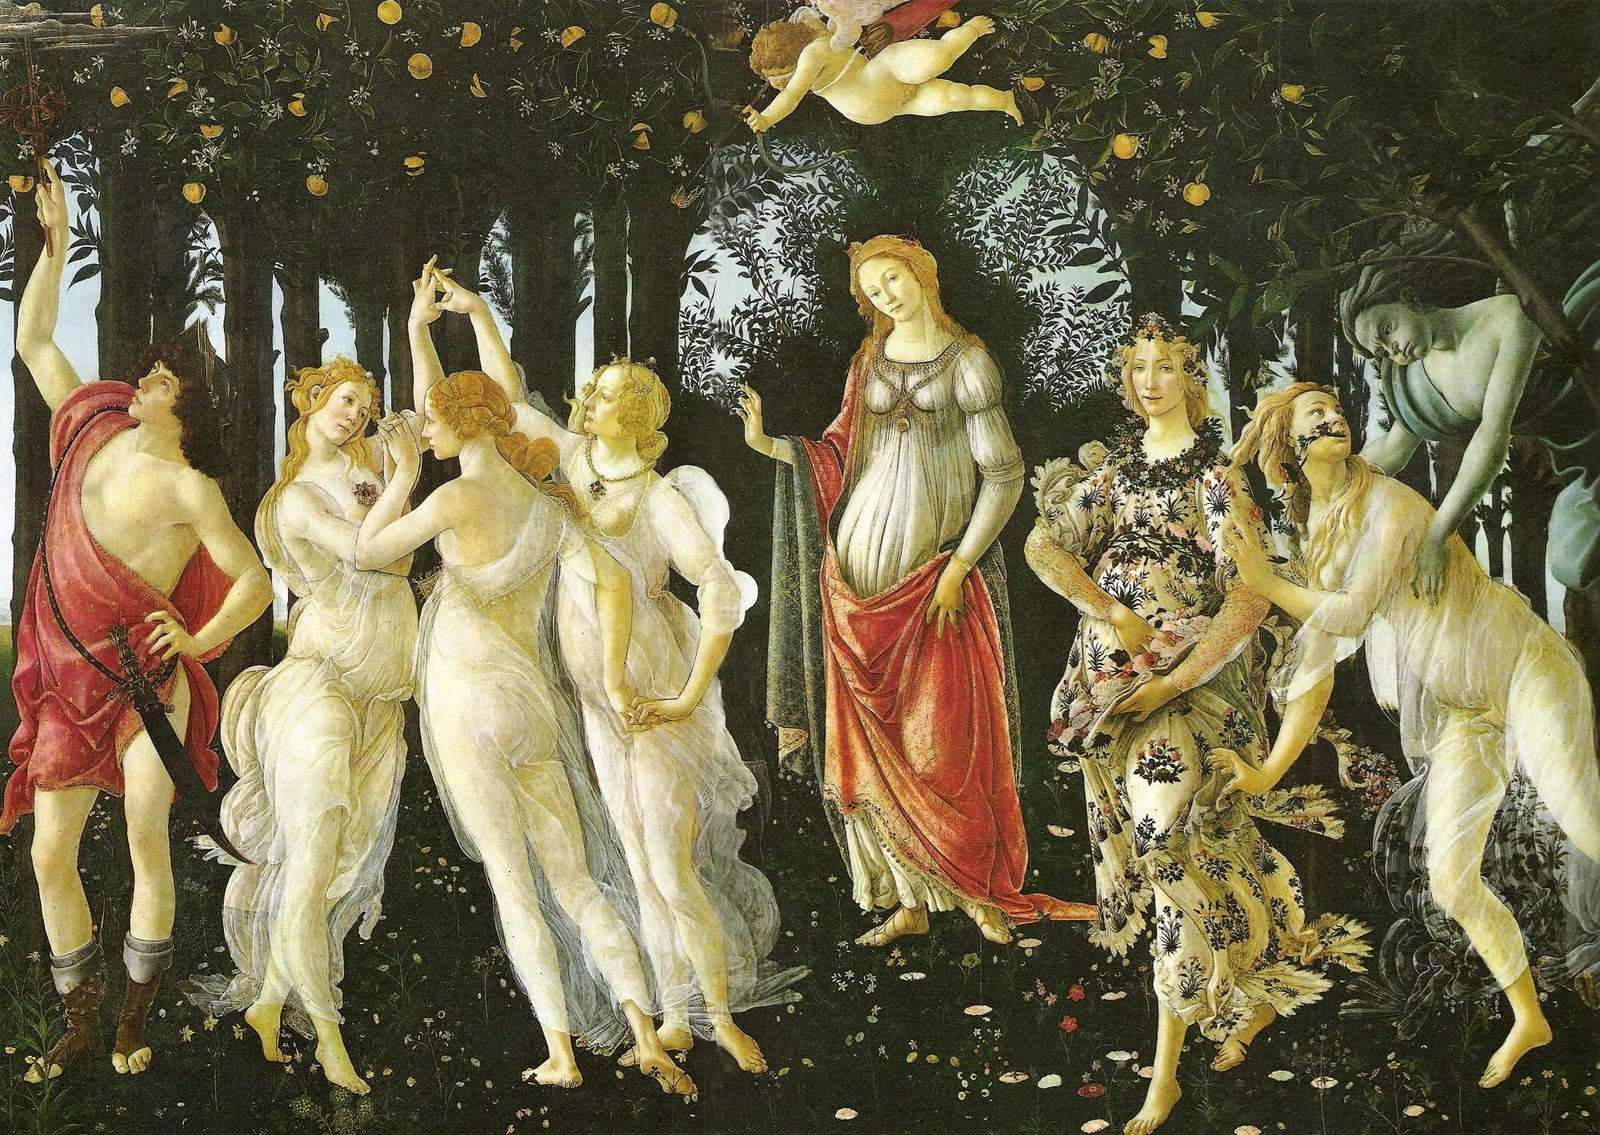 La primavera, de Sandro Botticelli